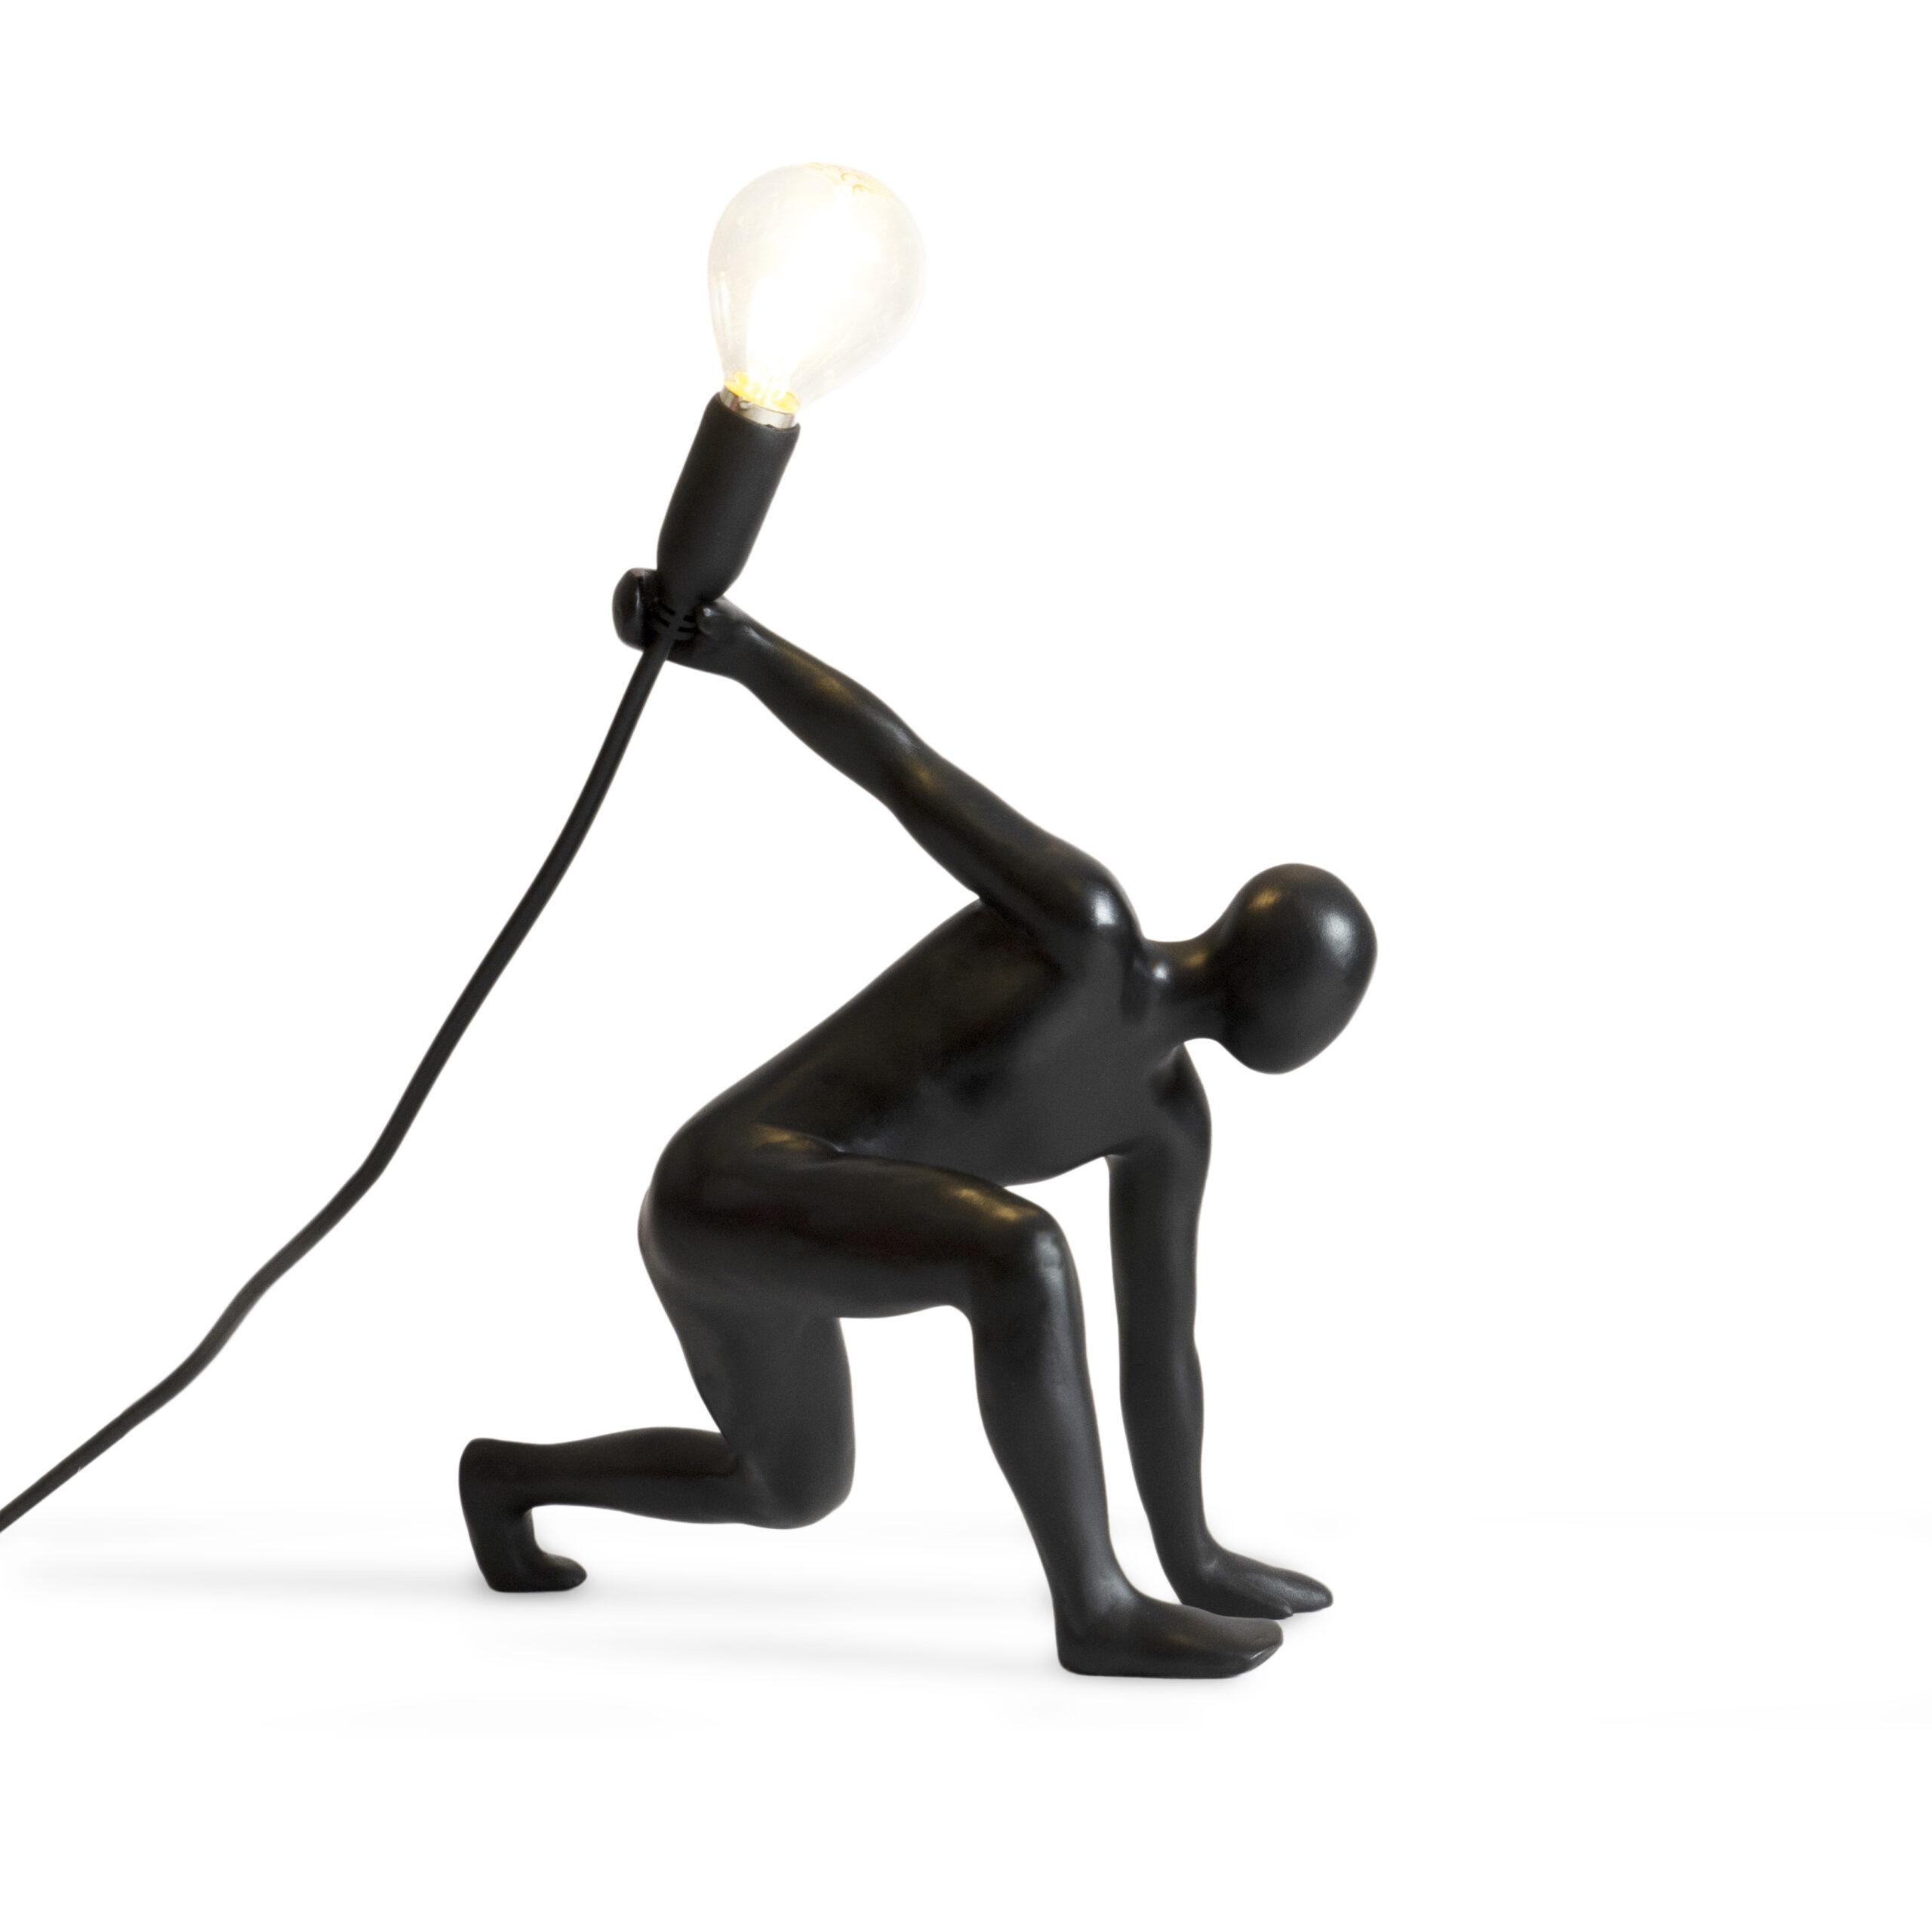 DL001_Werkwaardig_dancerlamp_black_side2_High